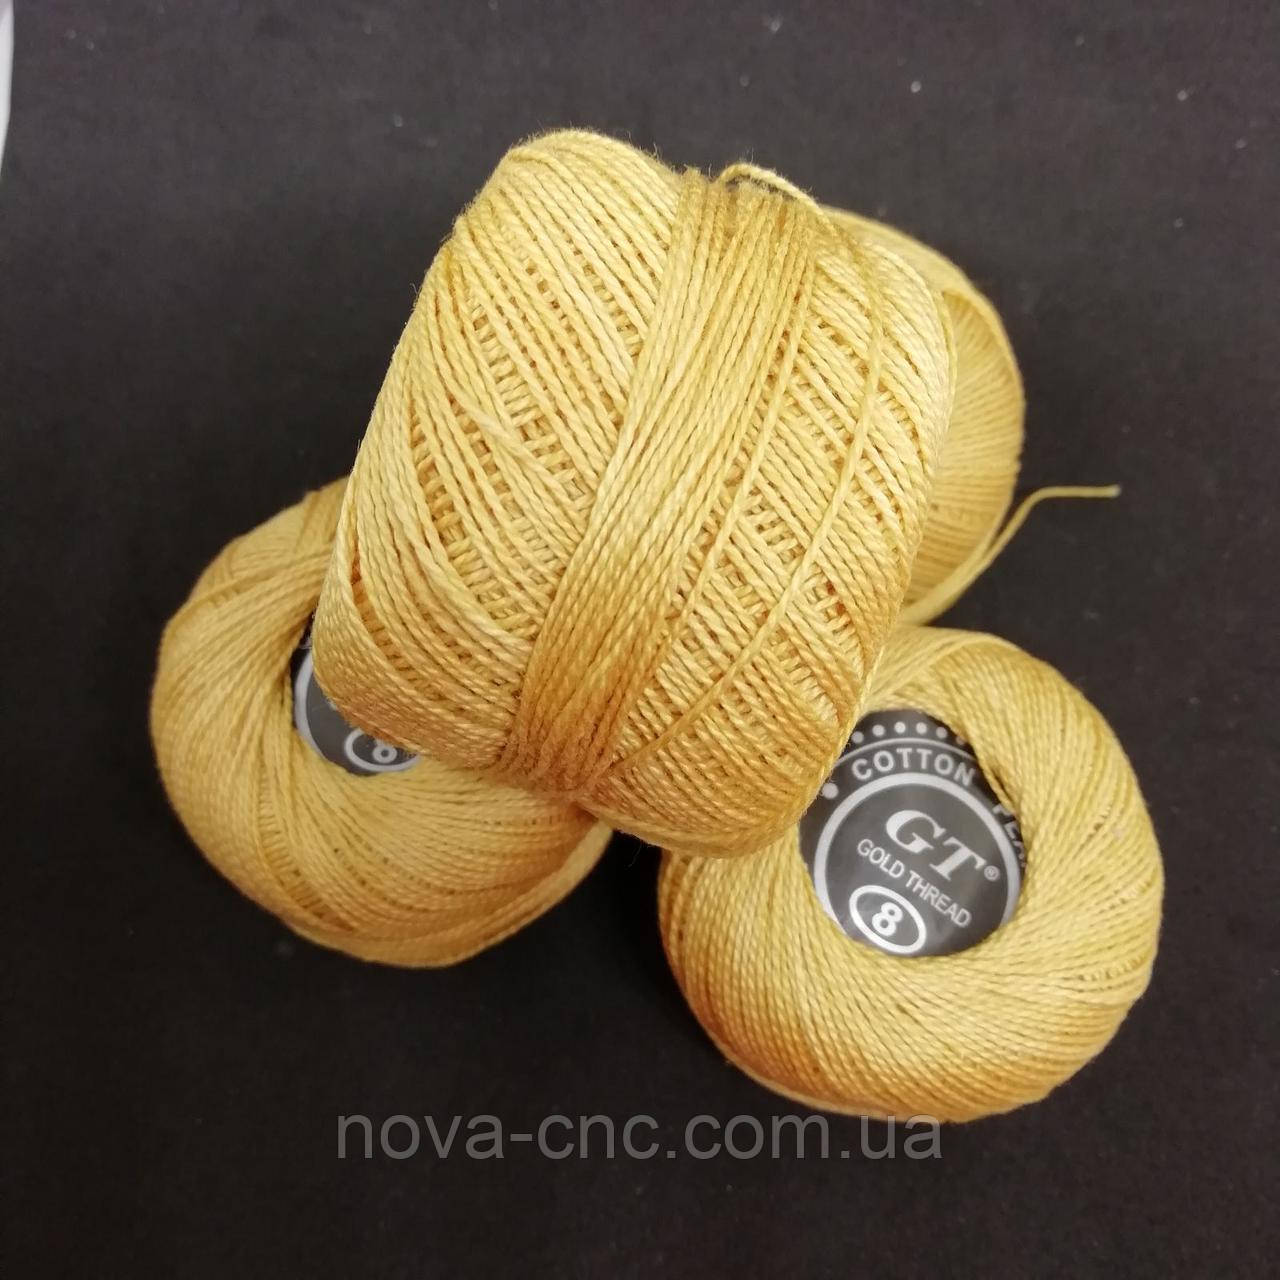 Хлопок Пряжа Ирис №8/ 10 грамм бледно-оранжевый Упаковка 10 штук Тон 2130